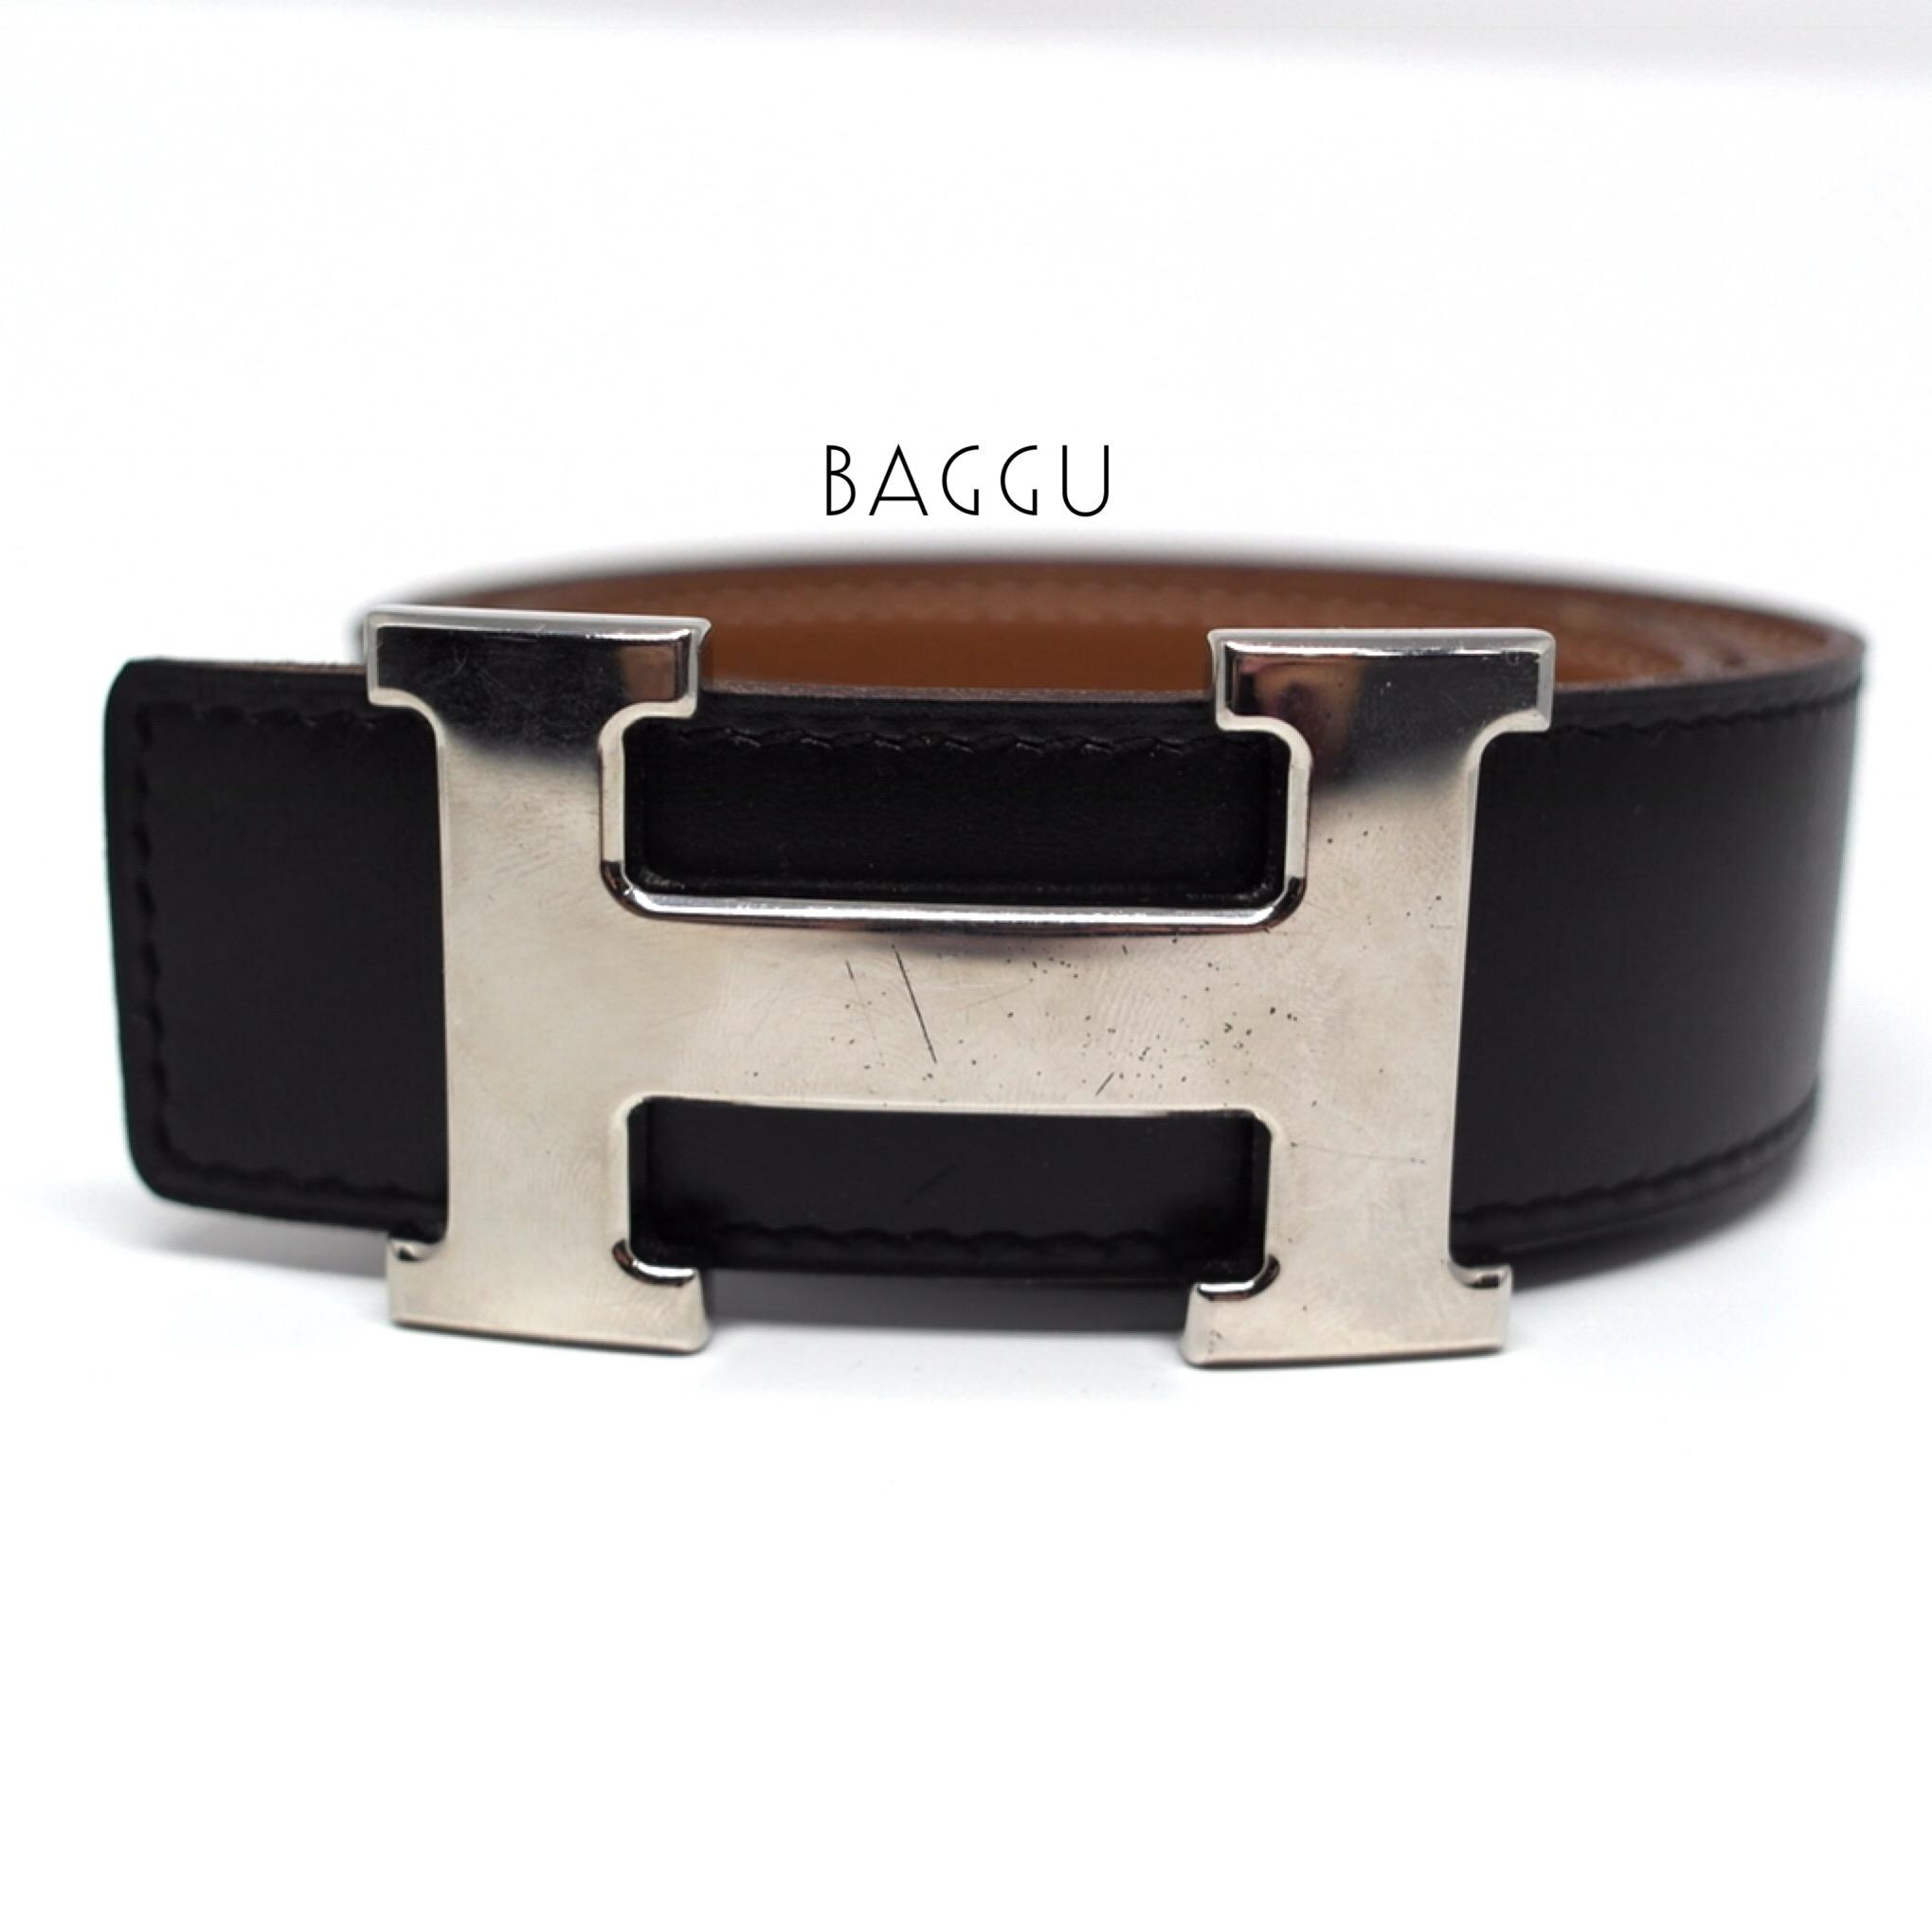 (SOLD OUT)HERMES Belt Black/Tan Togo Size 80